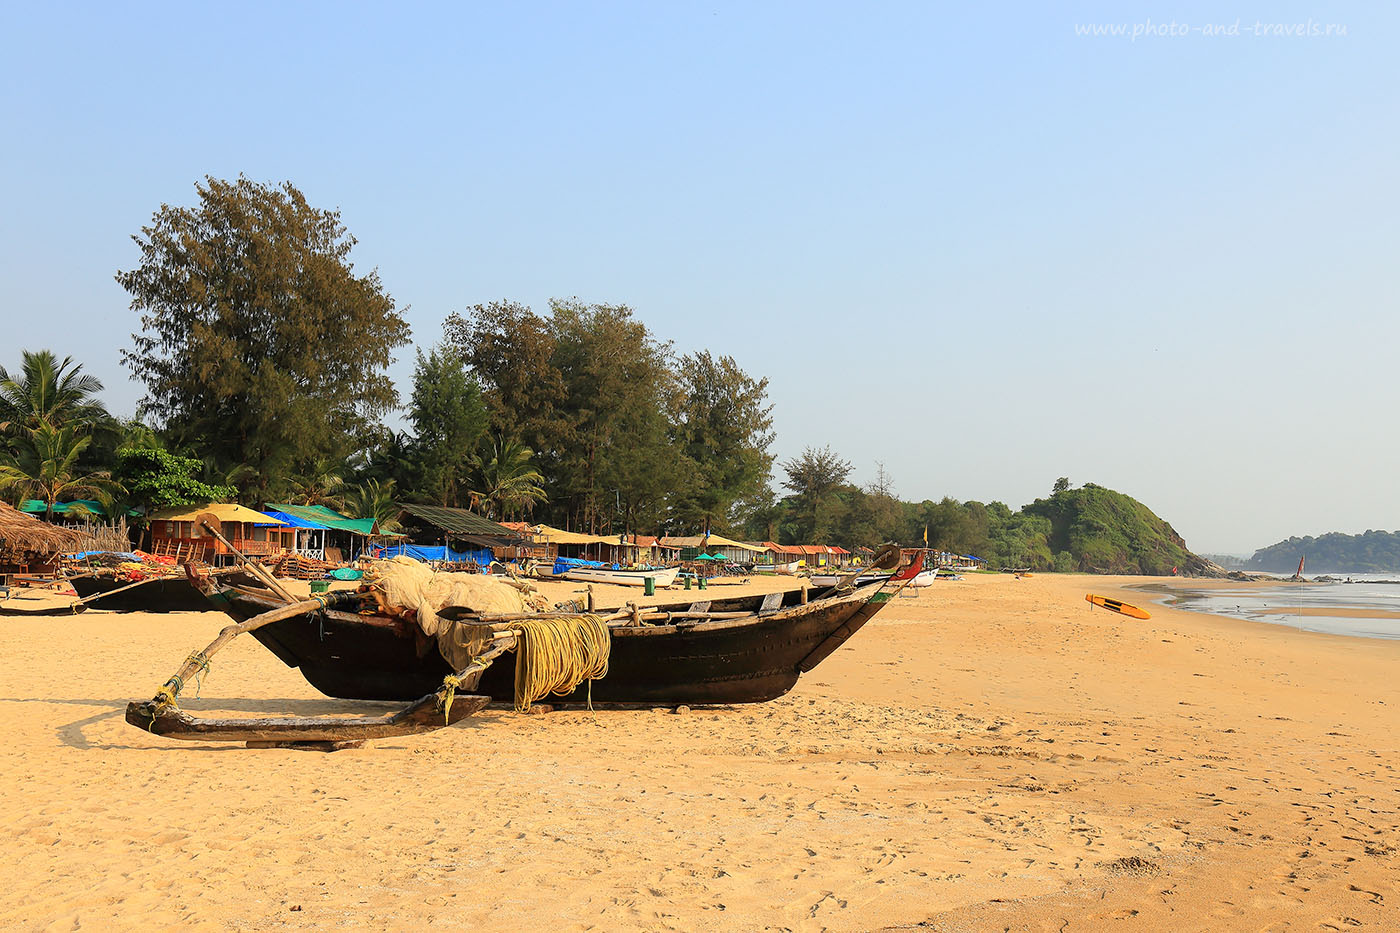 Фото 26. Перспектива пляжа Патнем (Patnem Beach) на Южном Гоа. Отзыв об отдыхе в Индии (24-70, 1/50, 0eV, f10, 31mm, ISO 100).